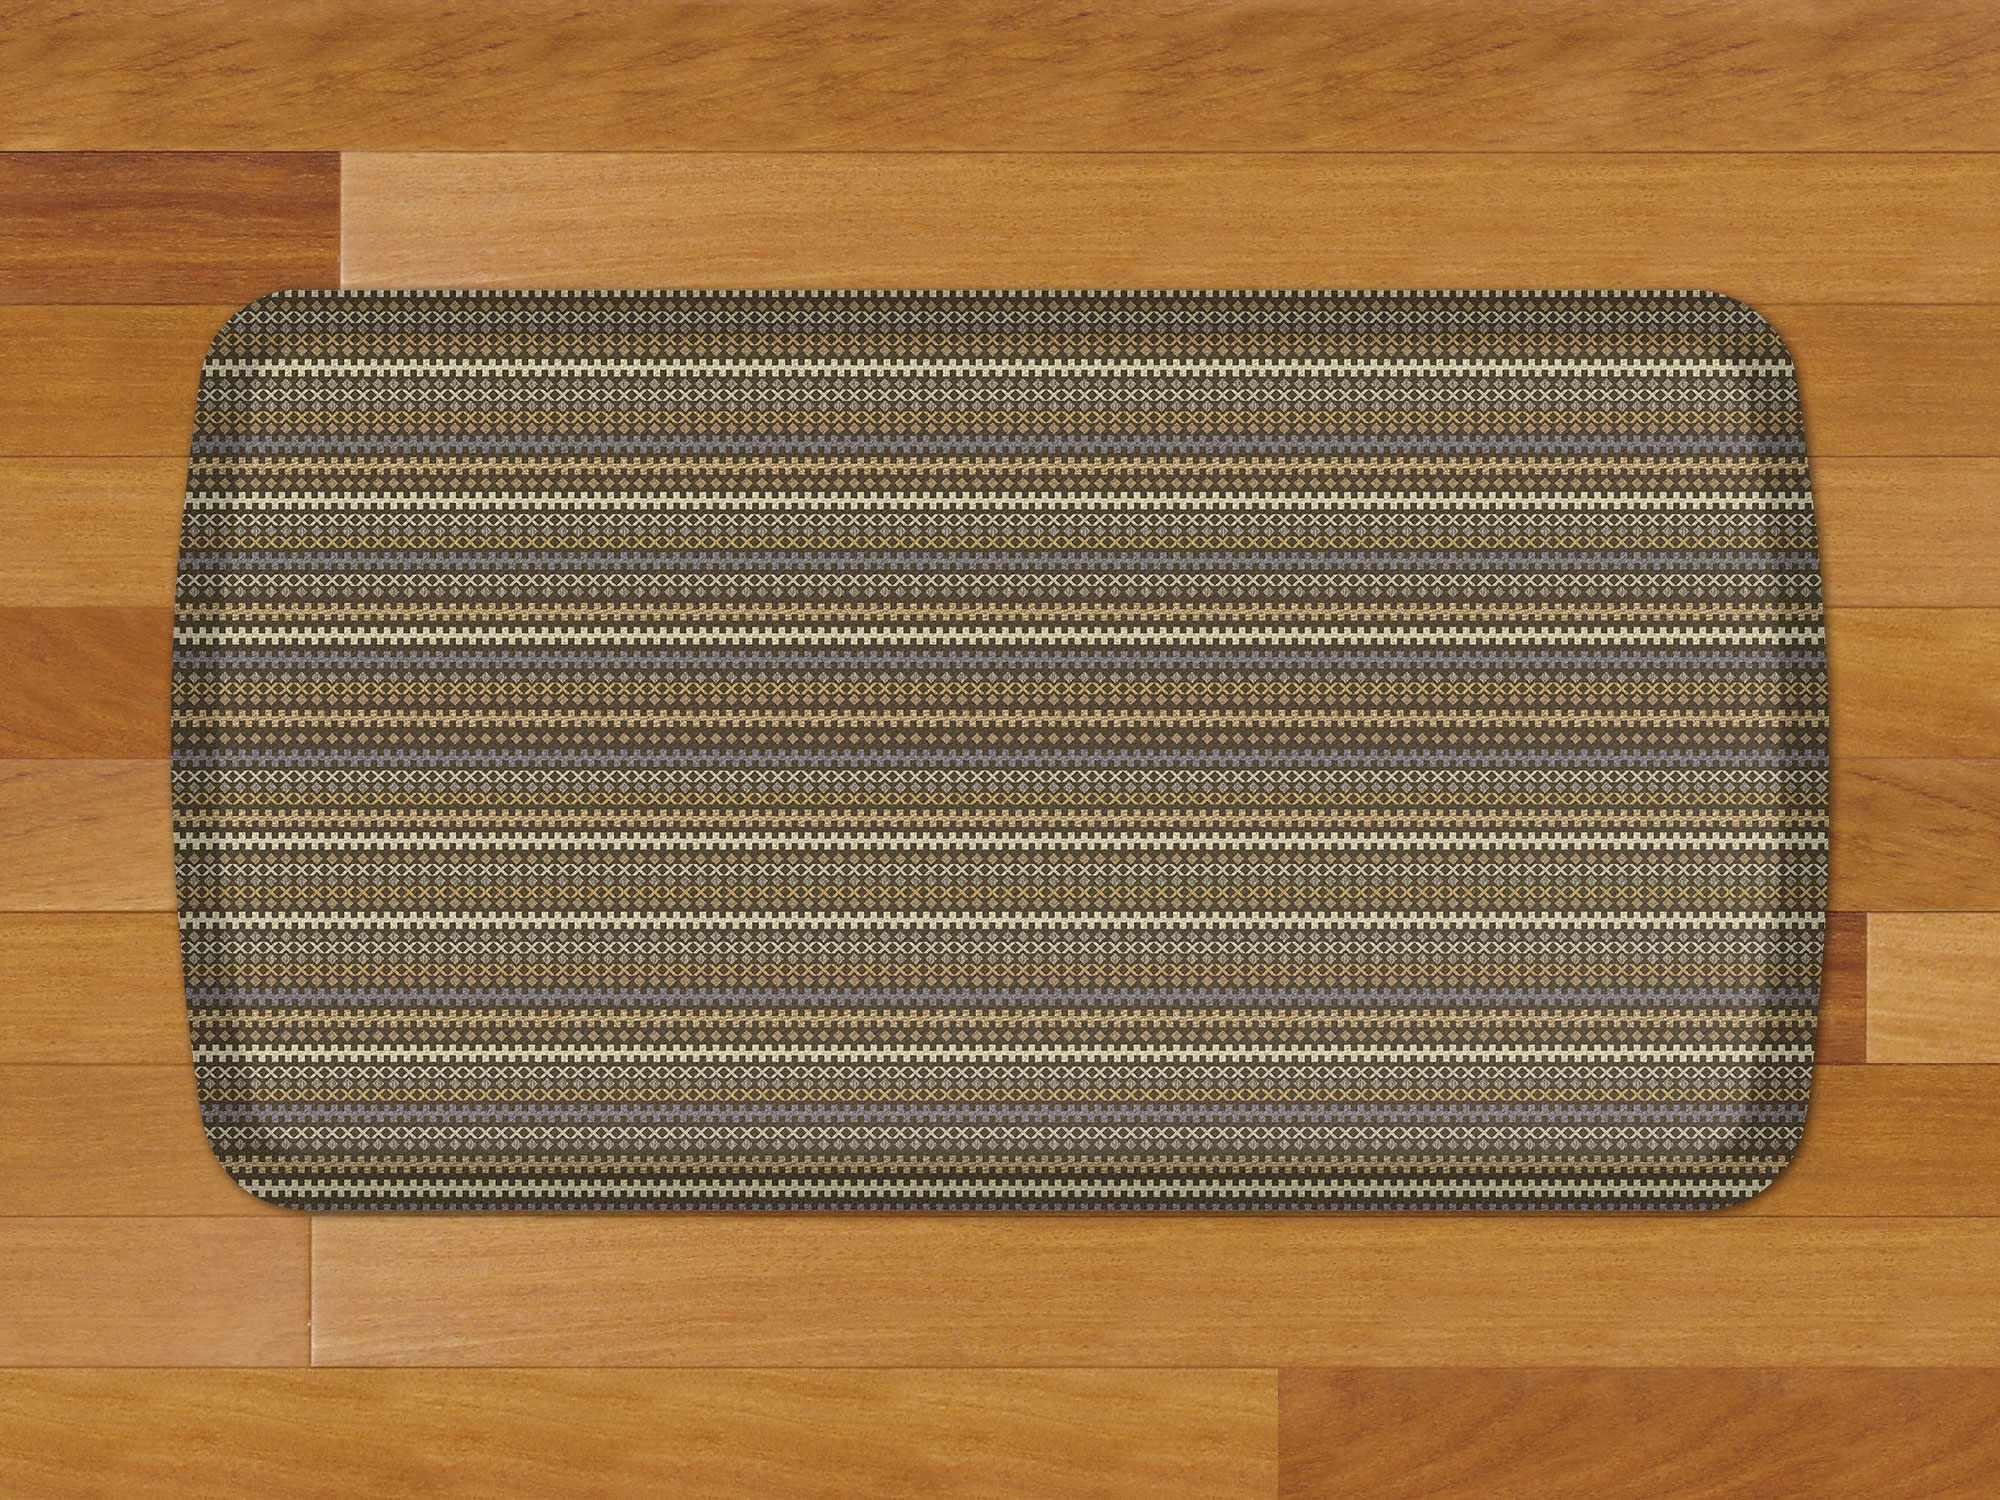 5fdaf83d6 Standing Floor Mat